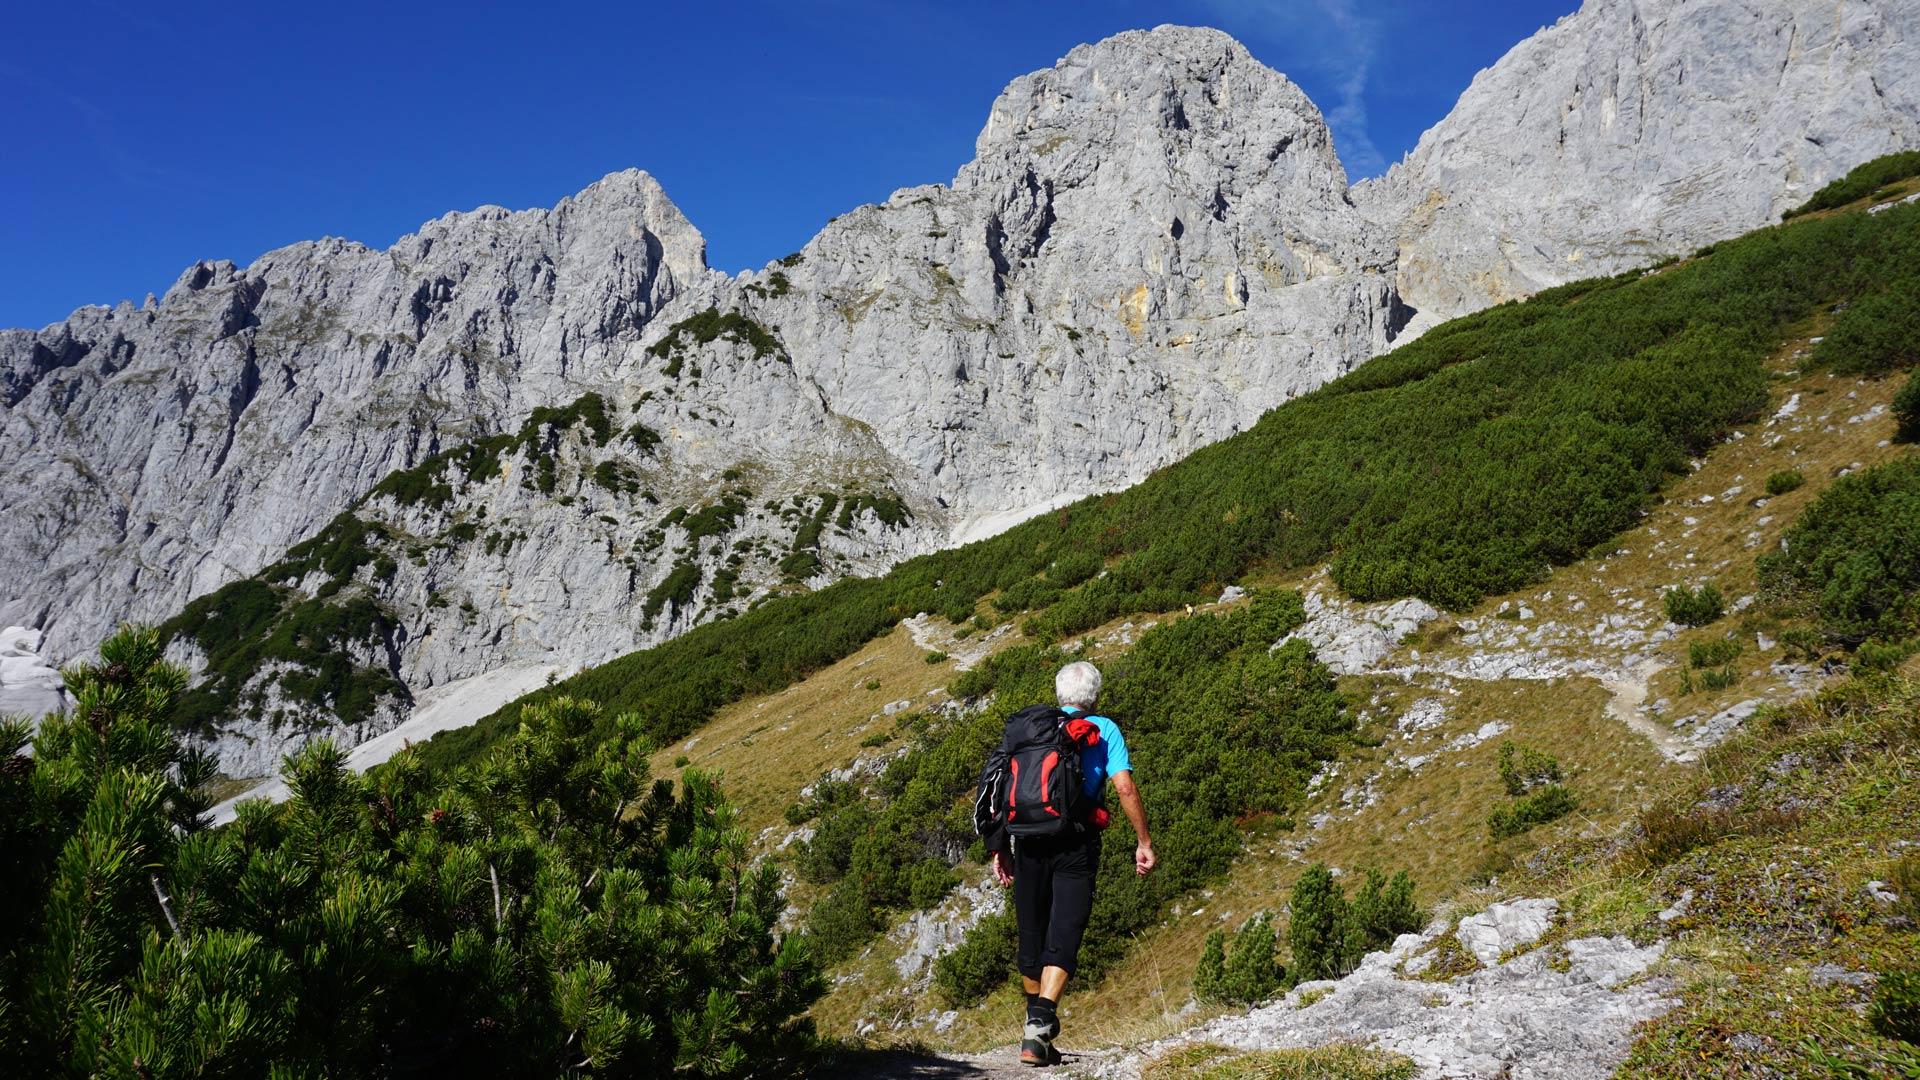 Klettersteig Ellmauer Halt : Klettersteig u wochenbrunner alm m ü d ellmauer halt